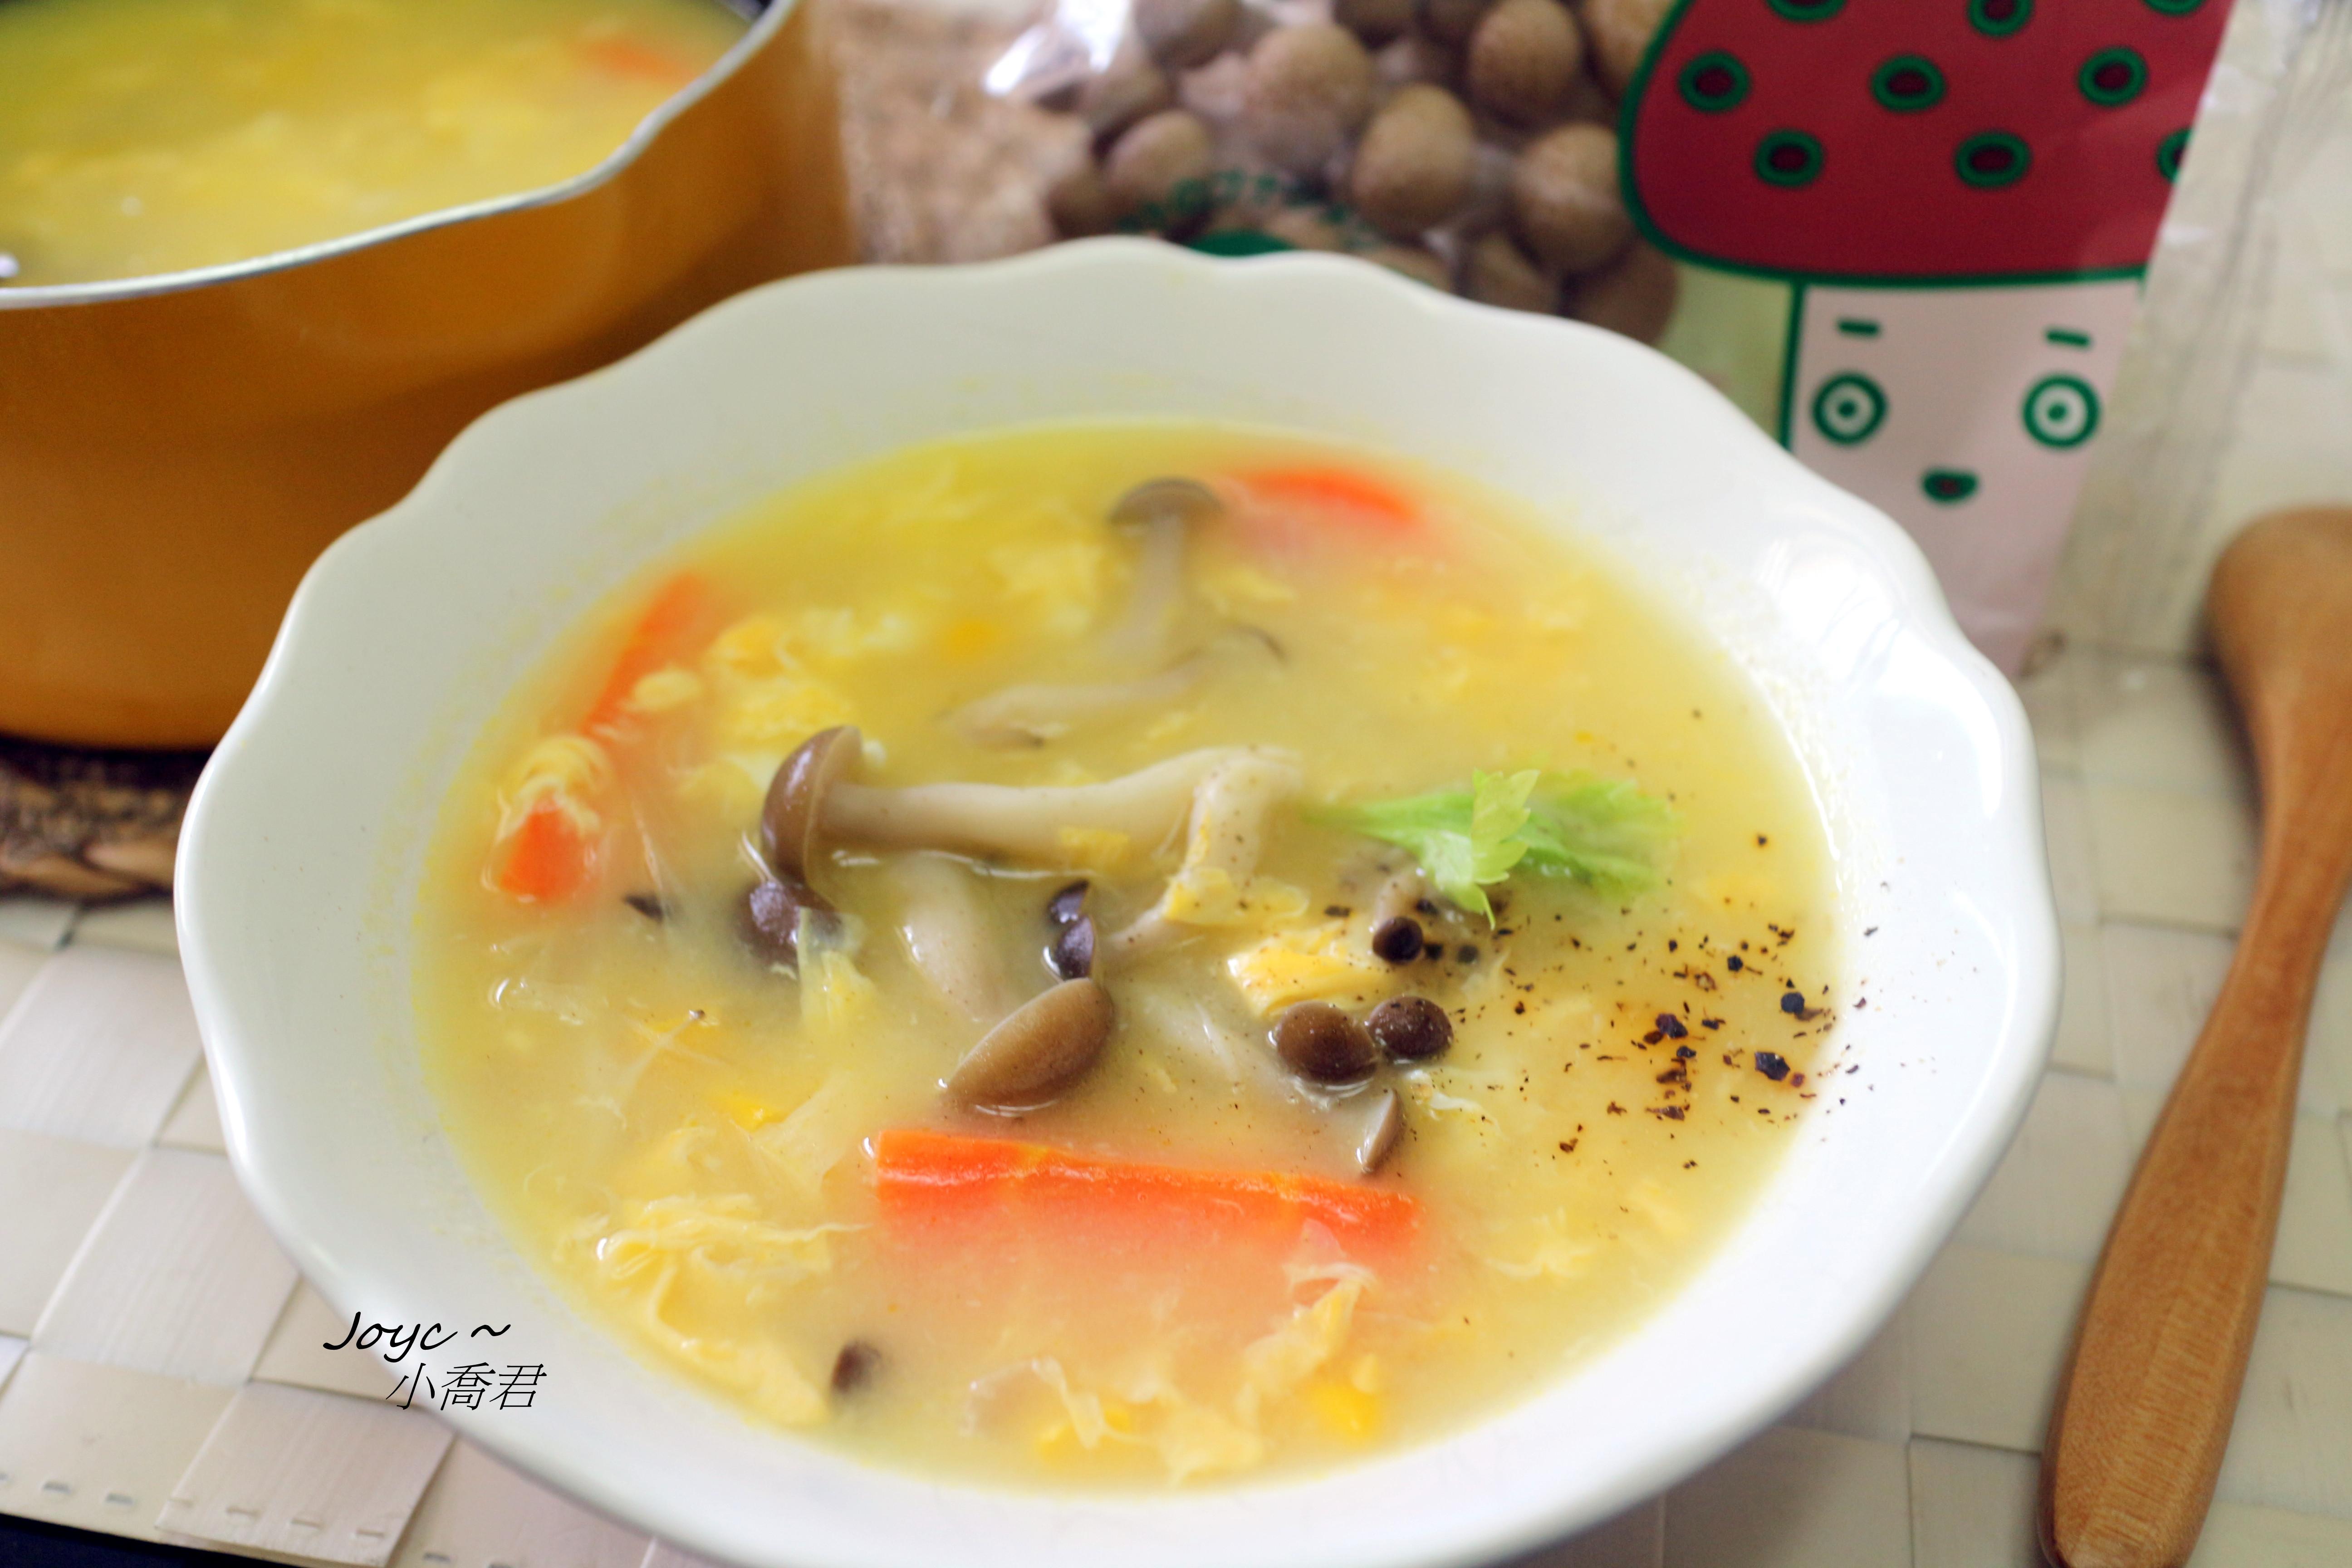 菇菇玉米蛋花湯【好菇道親子食光】